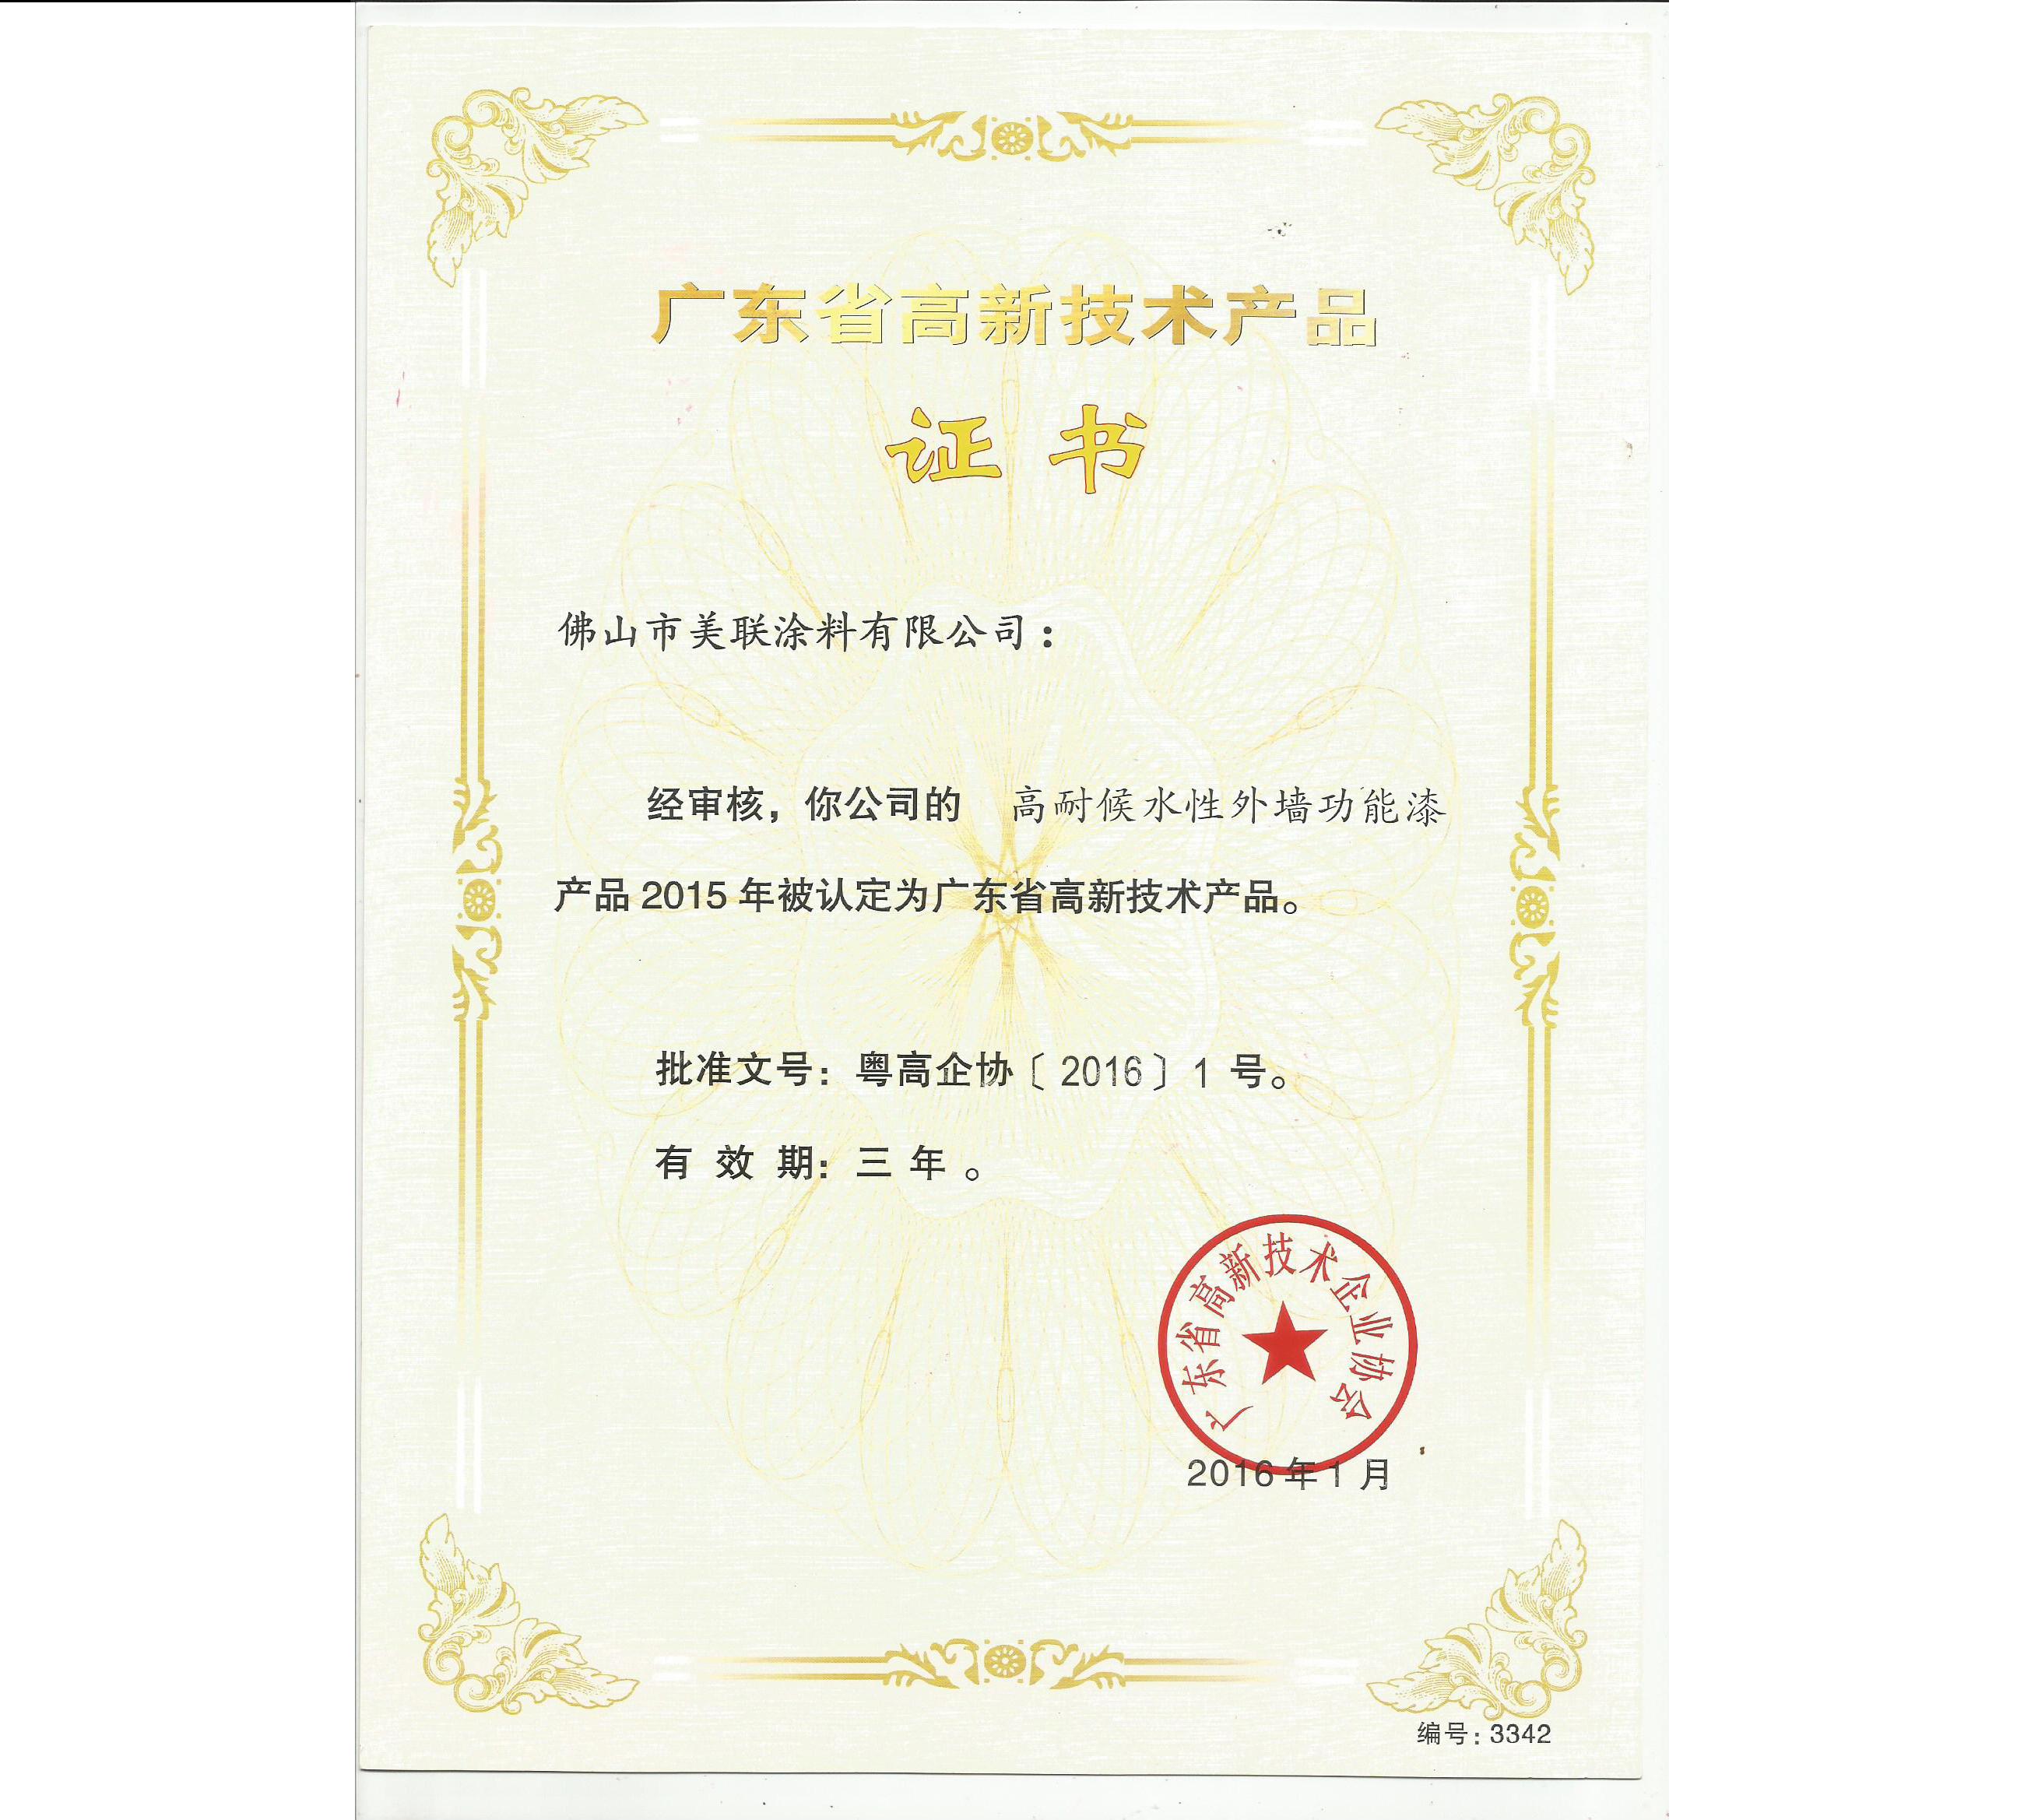 广东高新技术产品证书(水性外墙功能漆)-美联荣誉